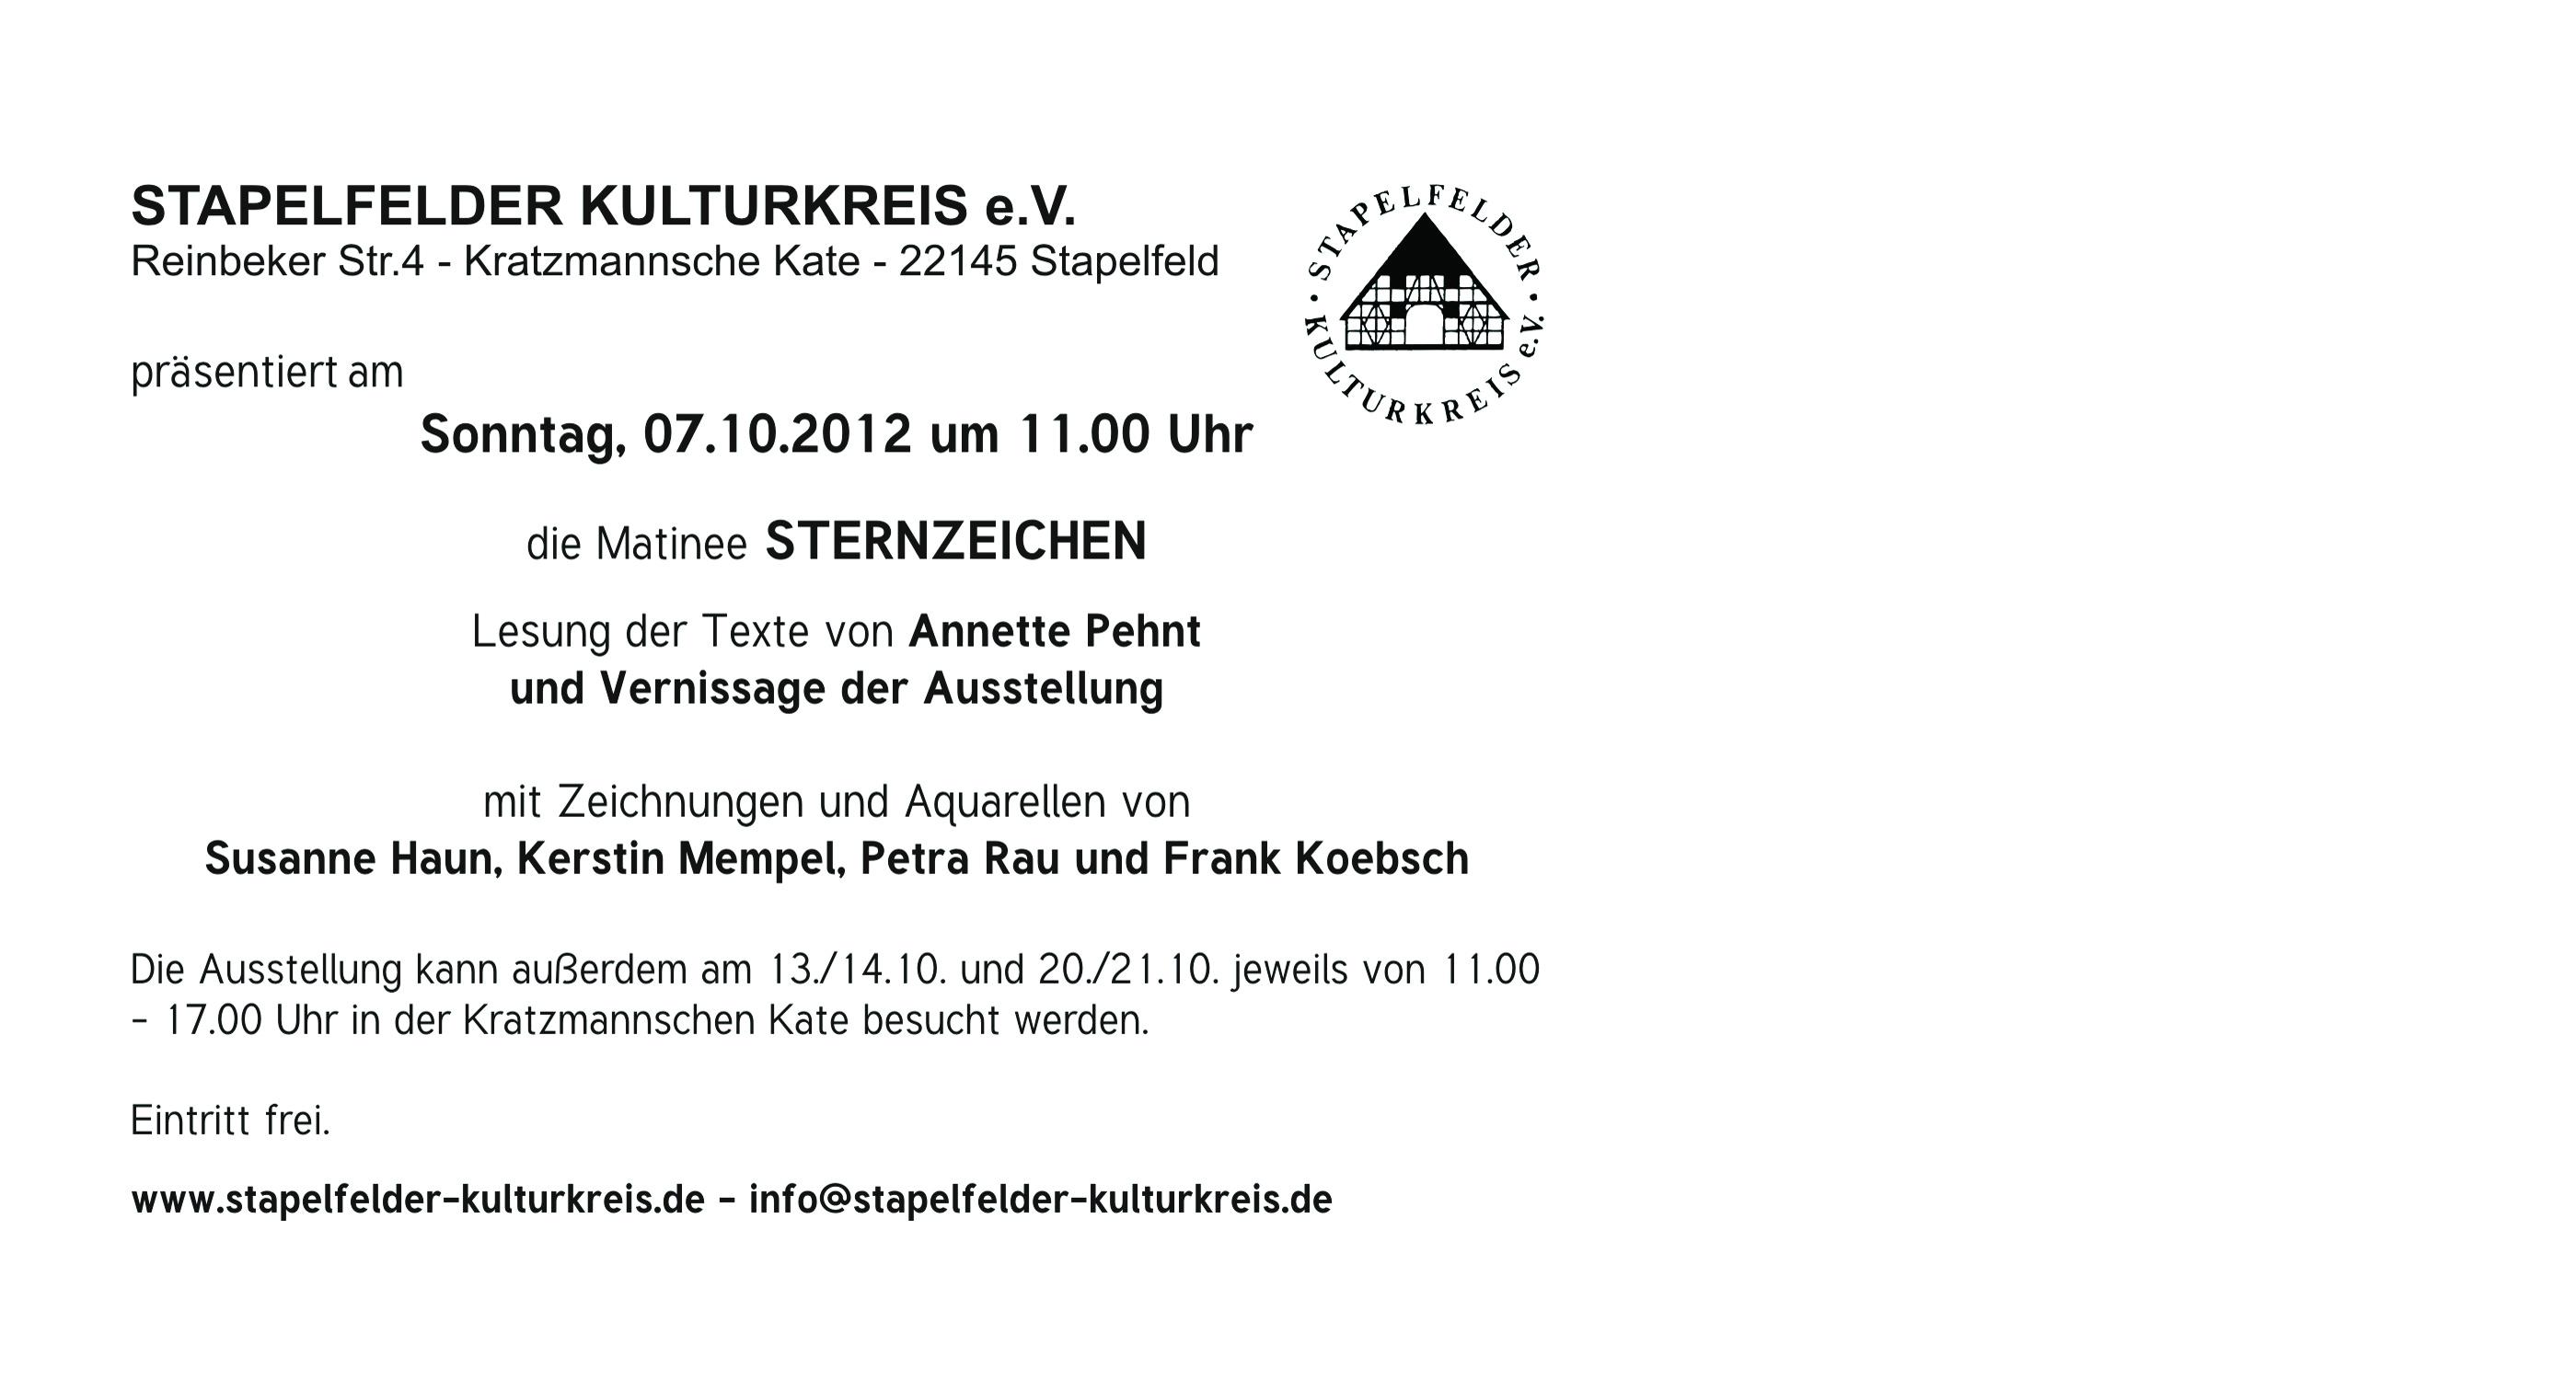 Ausstellung Sternzeichen im Stapelfelder Kulturkreis e.V.